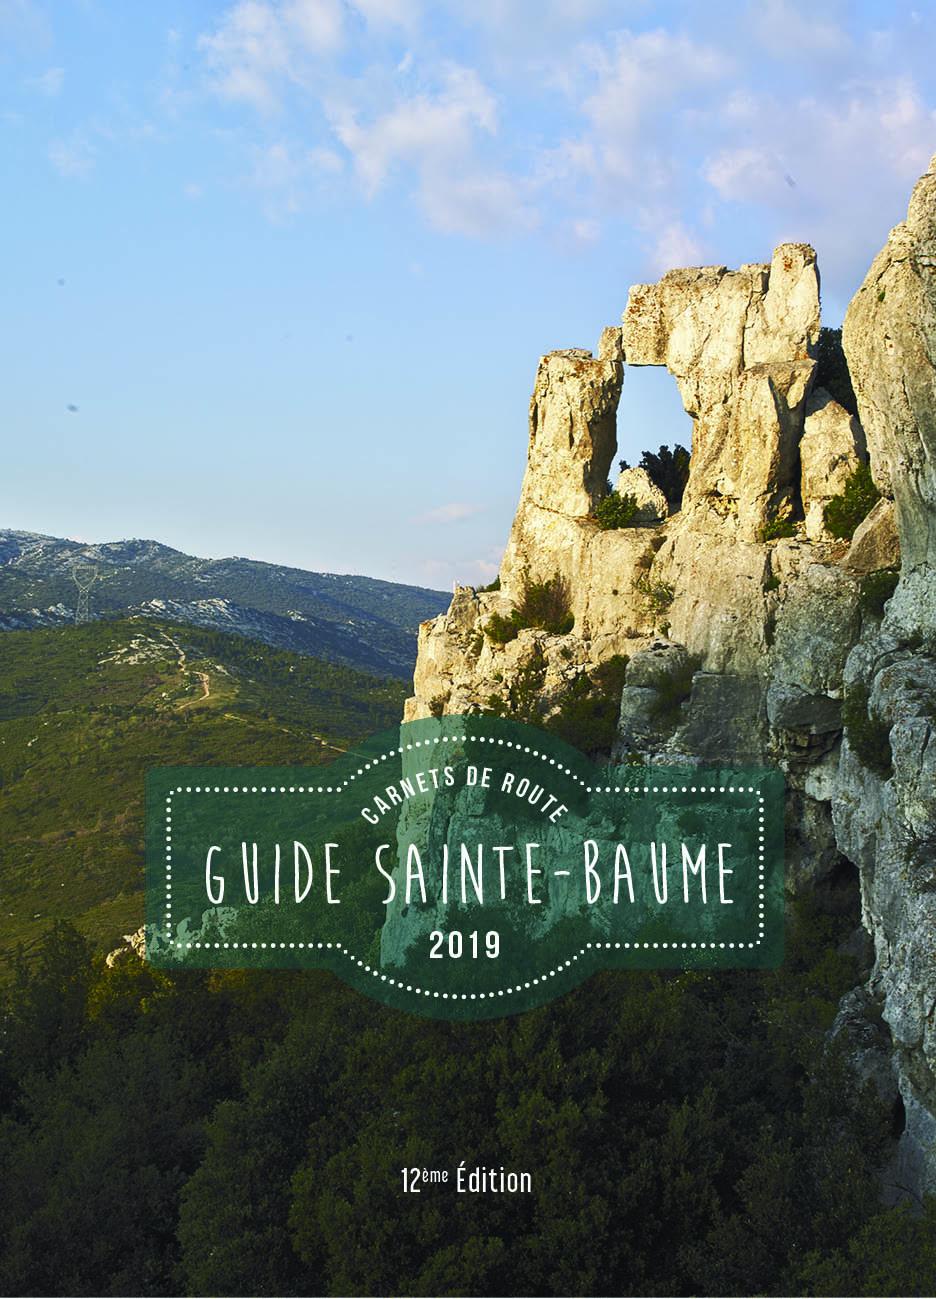 Le Guide sur Calaméo